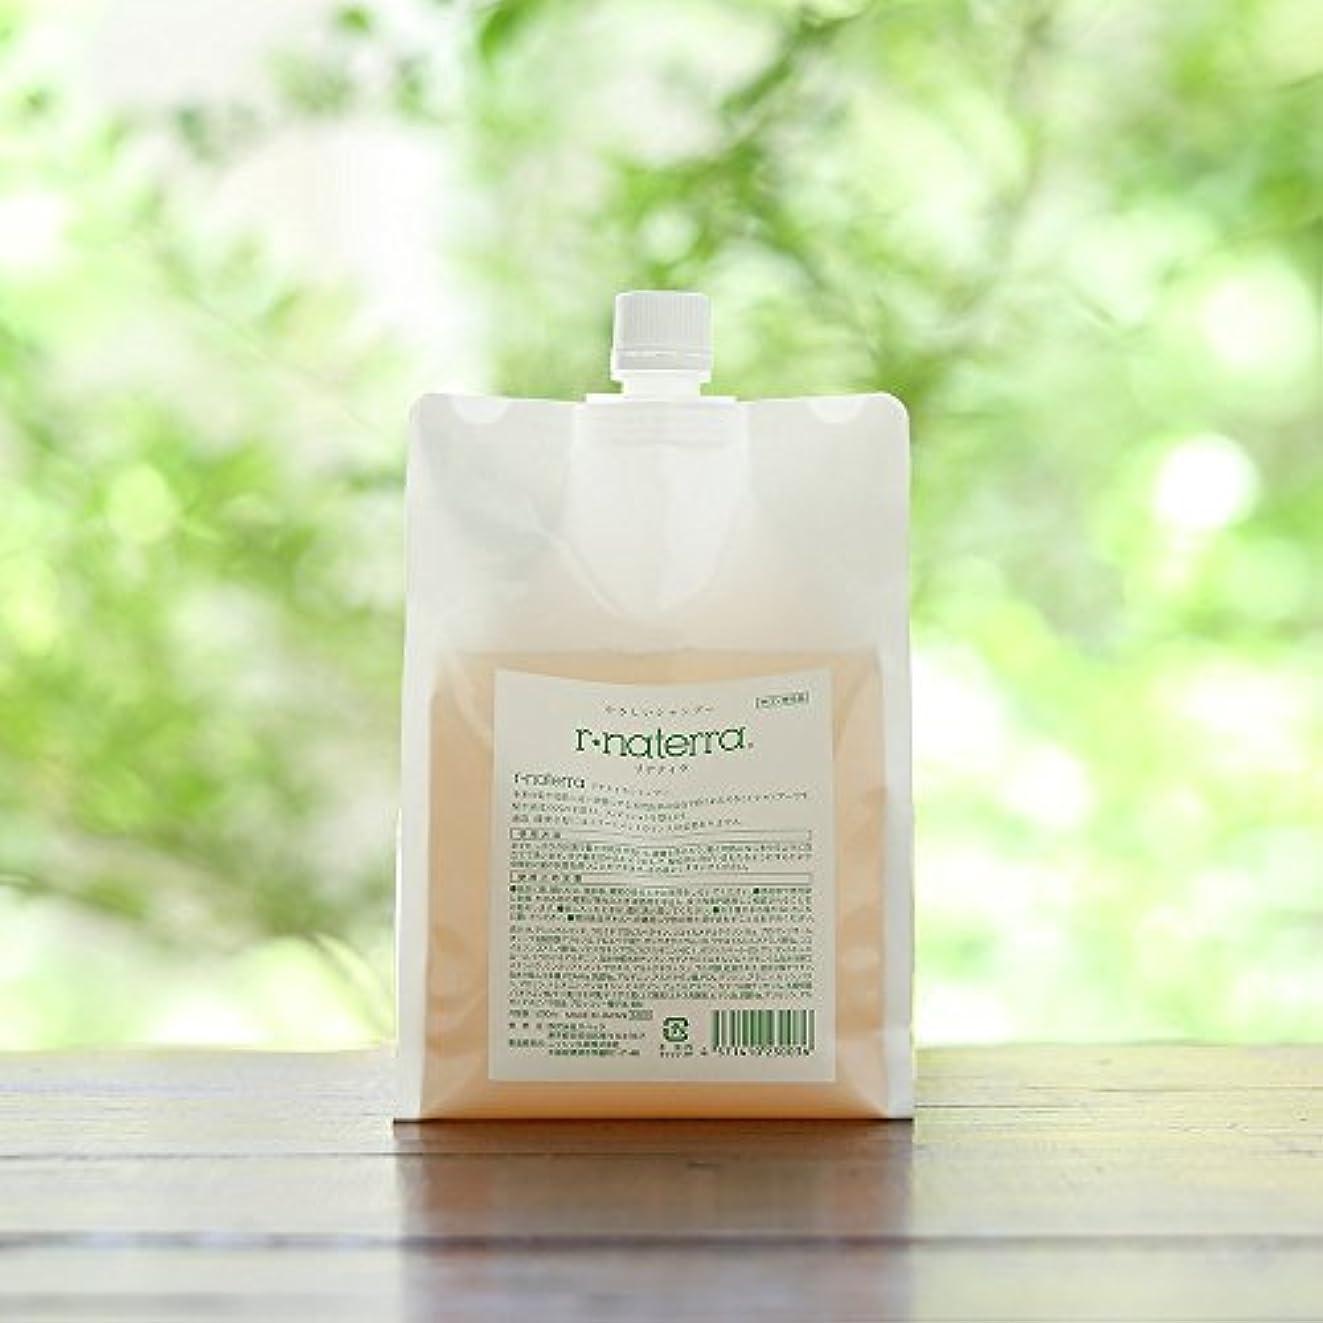 蜜積分与える植物由来オールインワン自然派シャンプー リナティラ 1000ml ※フルボ酸シャンプー(ノンシリコン)